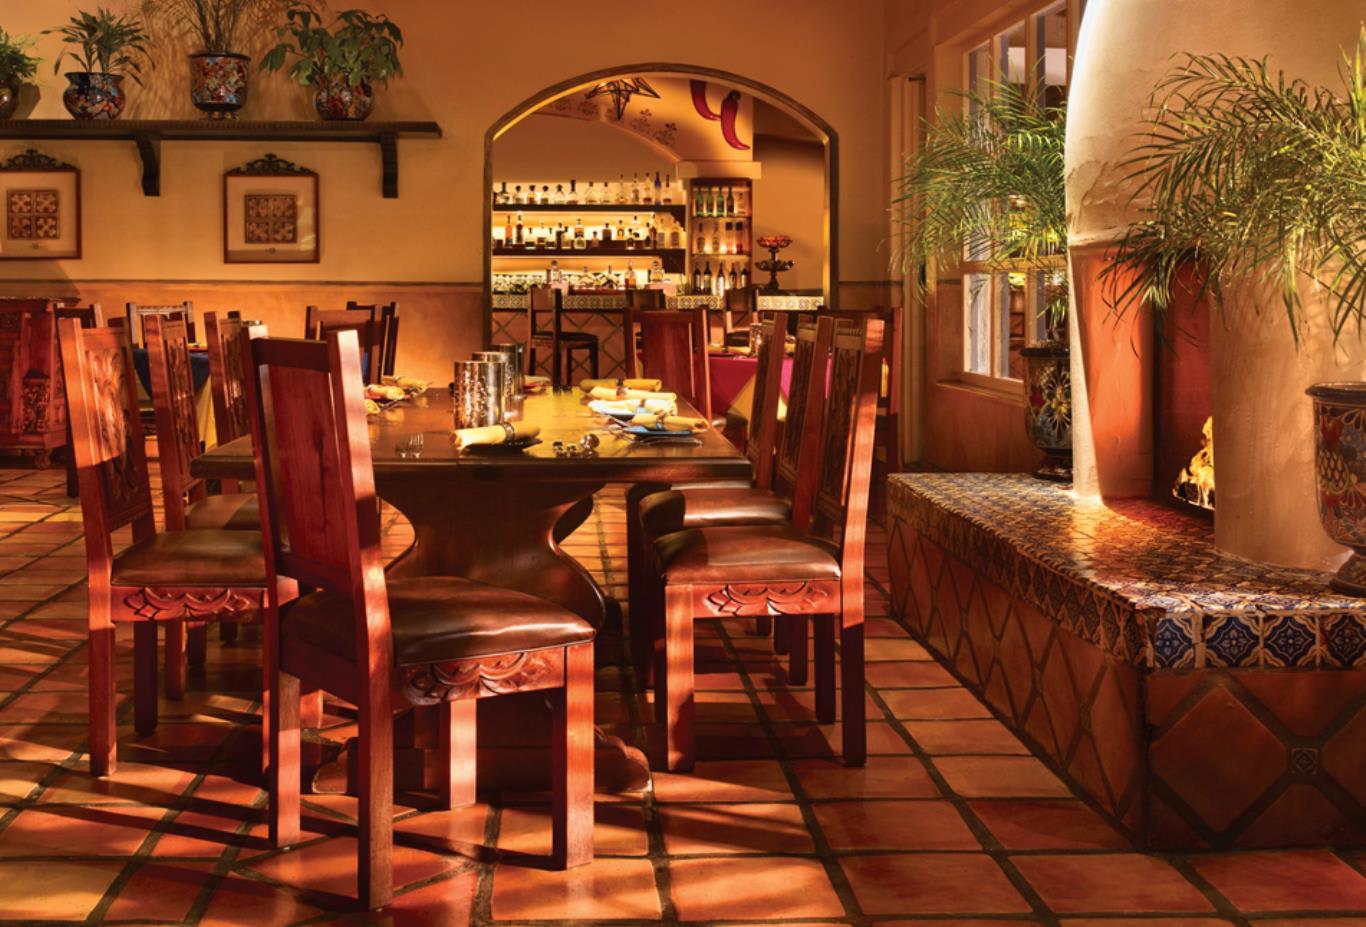 Adobe Grill Bar